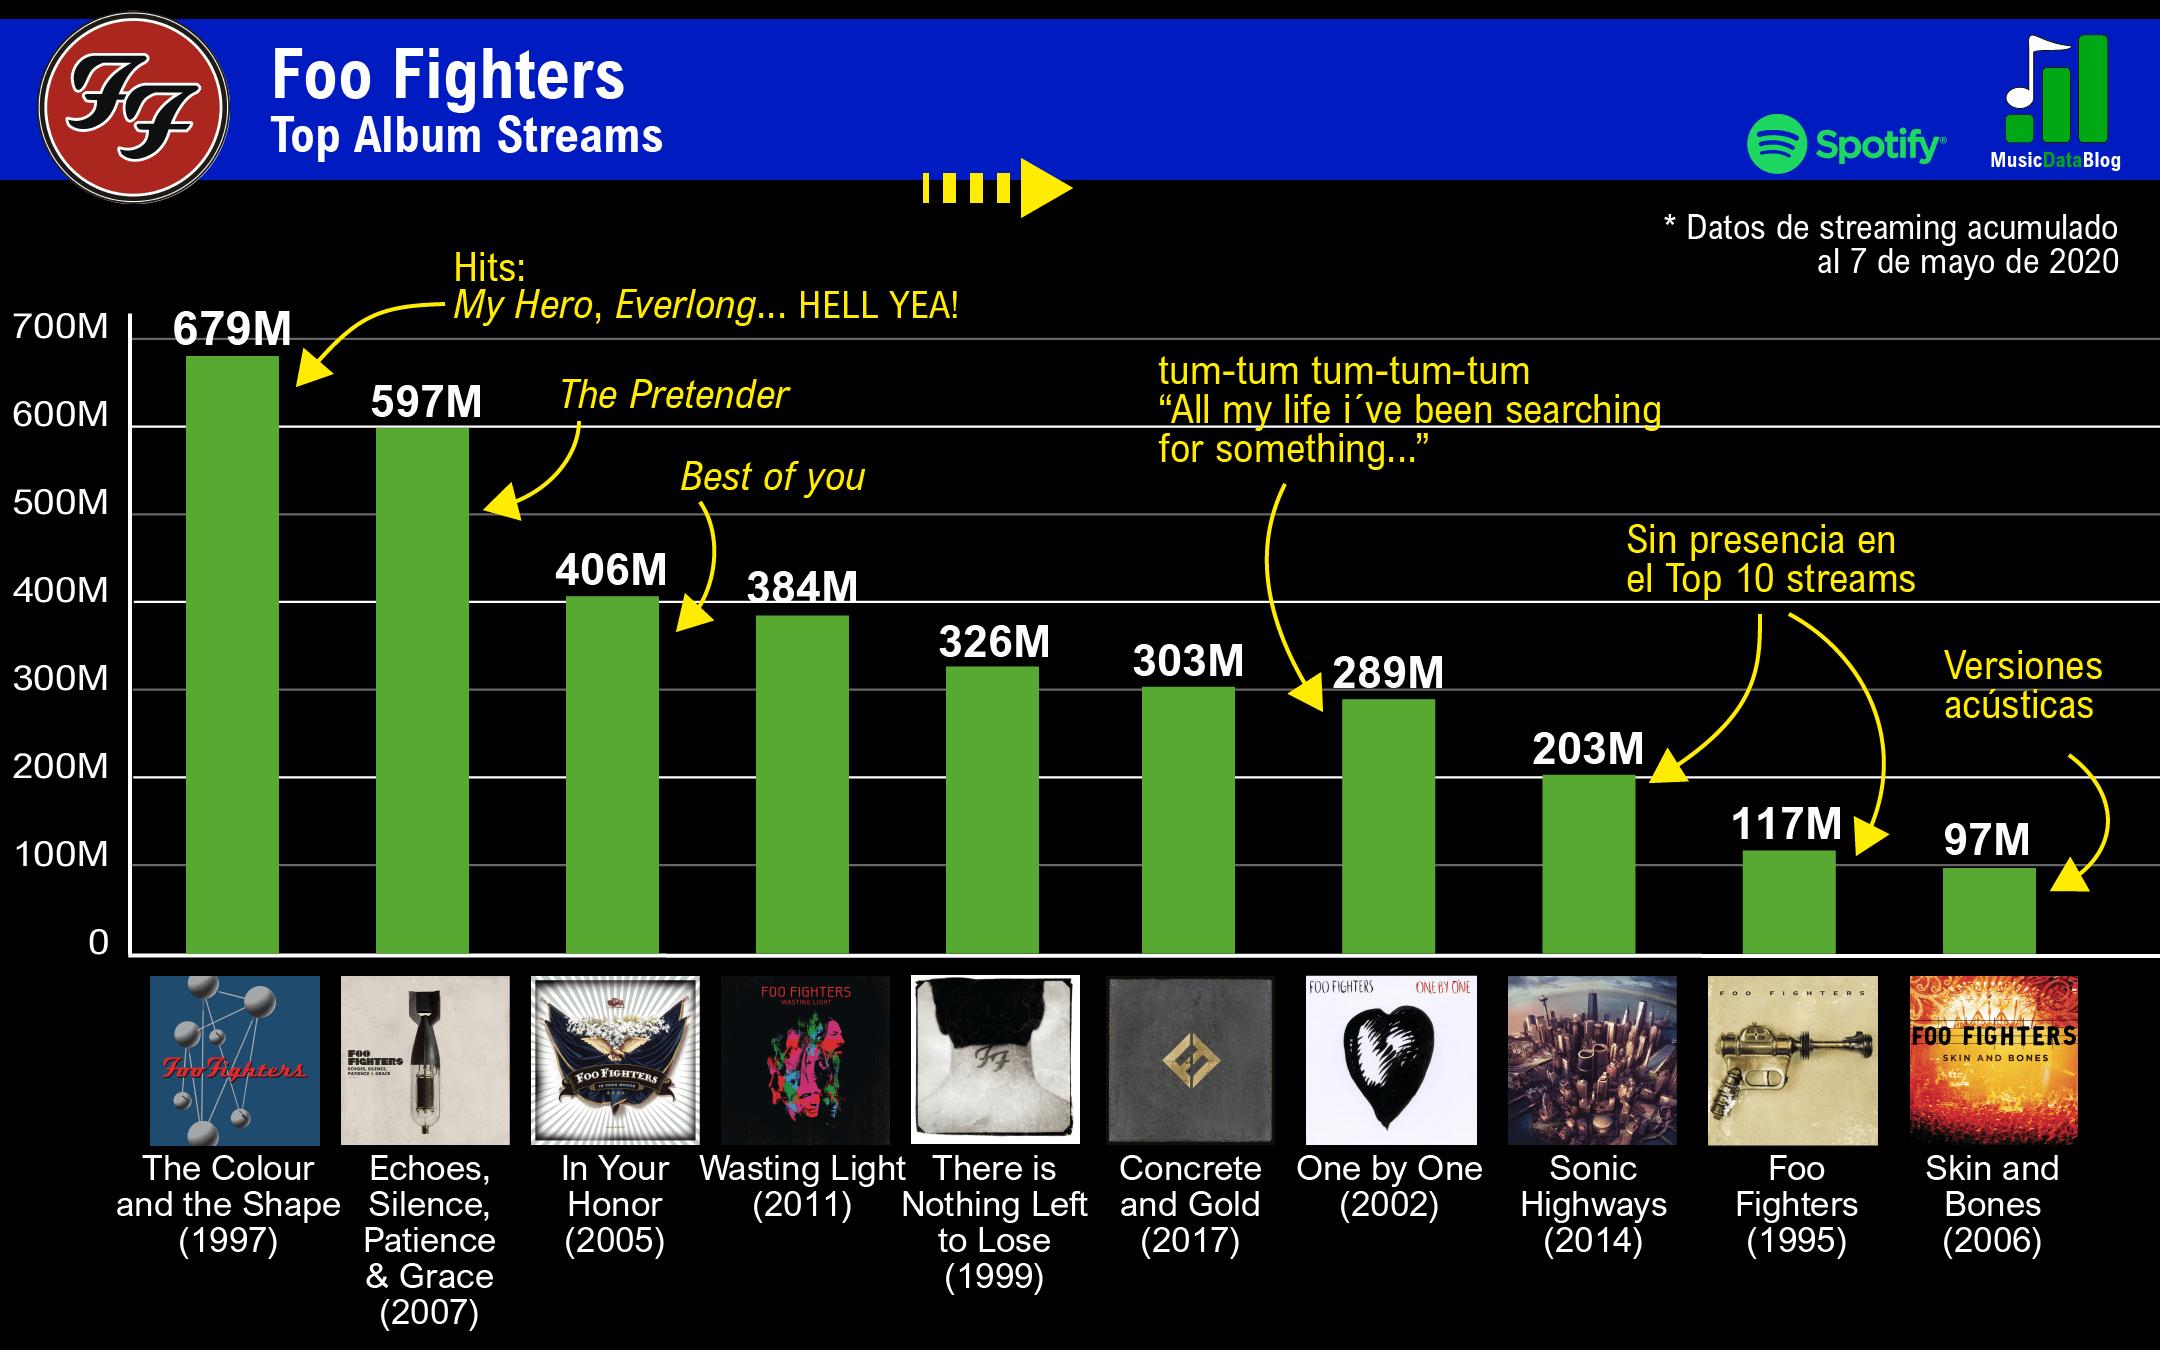 foo fighters discografia rankeada streams